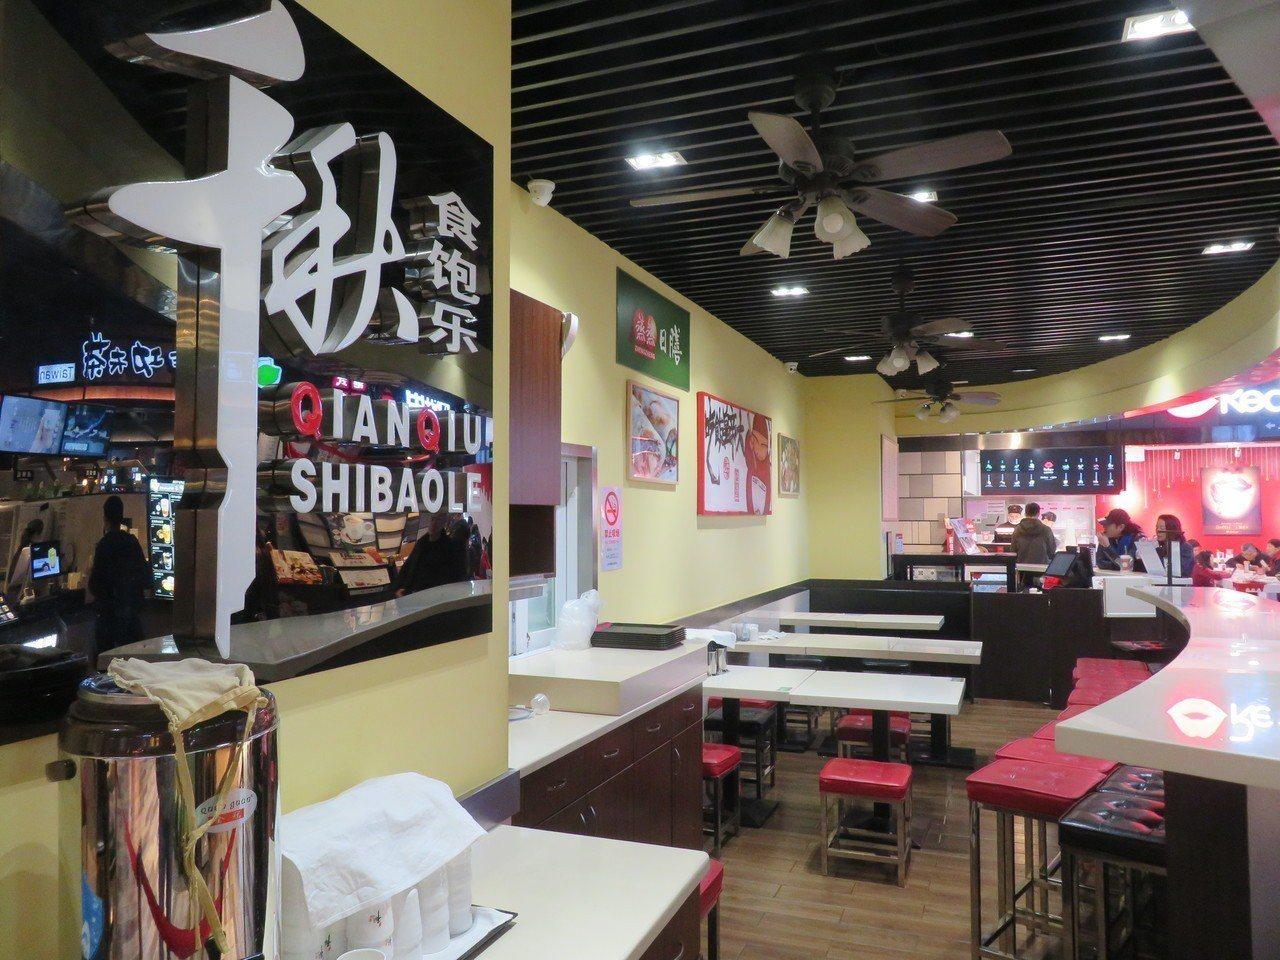 千秋膳房位於漕西北路「百腦匯」商場地下一樓美食街內的餐廳,所有東西都還留在原地,...